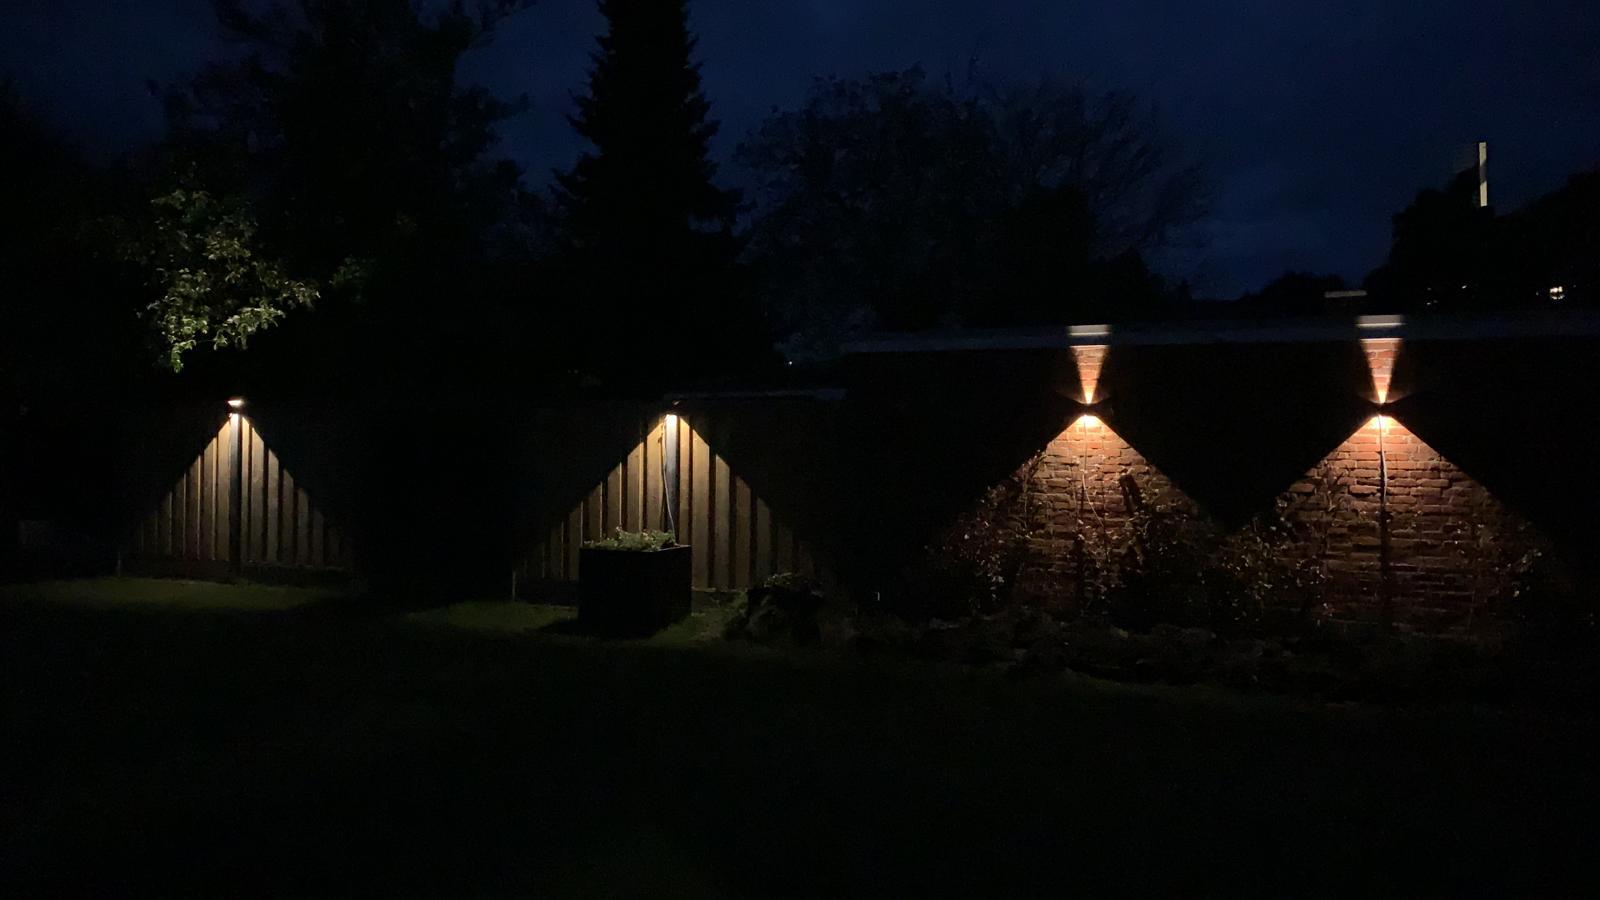 LED Dimbare cube wandlamp 6 watt - IP65 - 3000K - sfeerfoto